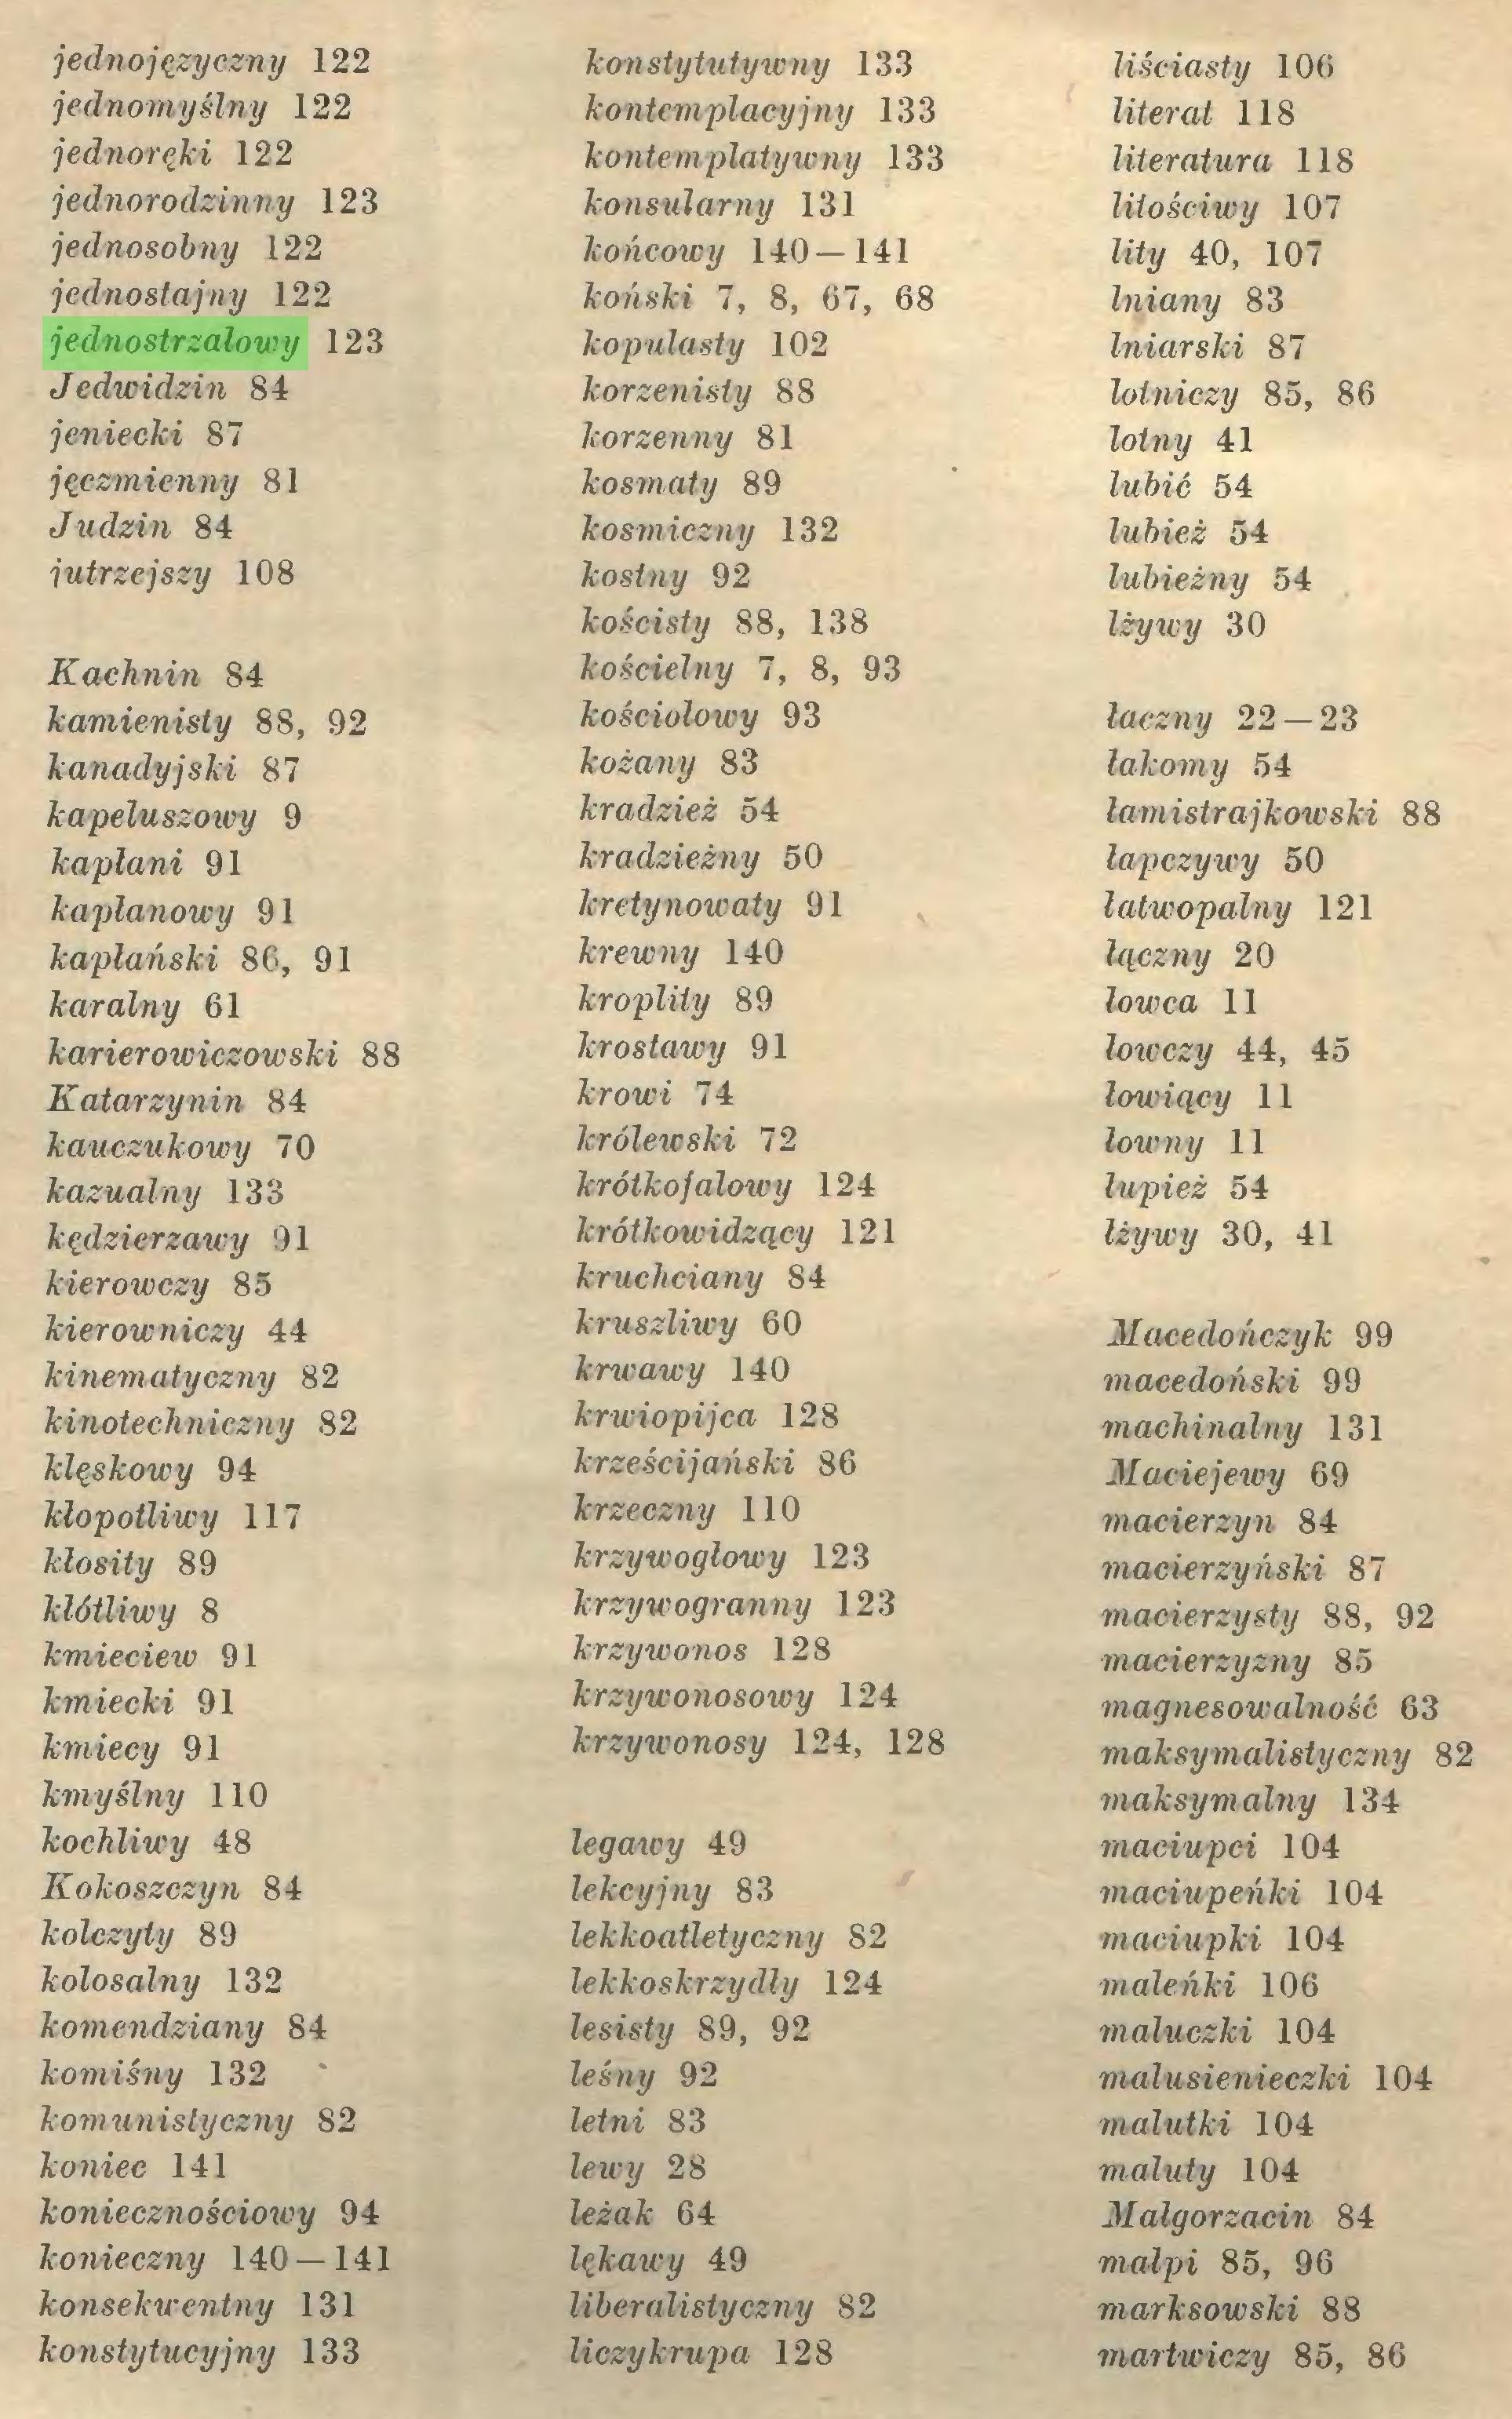 (...) jedno języczny 122 jednomyślny 122 jednoręki 122 jednorodzinny 123 jednosobny 122 jednostajny 122 jednostrzałowy 123 Jedwidzin 84 jeniecki 87 jęczmienny 81 Judzin 84 jutrzejszy 108 Kachnin 84 kamienisty 88, 92 kanadyjski 87 kapeluszowy 9 kapłani 91 kaplanowy 91 kapłański 86, 91 karalny 61 karierowiczówski 88 Katarzynin 84 kauczukowy 70 kazualny 133 kędzierzawy 91 kier owczy 85 kierowniczy 44 kinematyczny 82 kinotechniczny 82 klęskowy 94 kłopotliwy 117 kłosity 89 kłótliwy 8 kmieciew 91 kmiecki 91 kmiecy 91 kmyślny 110 kochliwy 48 Kokoszczyn 84 kolczyty 89 kolosalny 132 komendziany 84 komiśny 132 komunistyczny 82 koniec 141 koniecznościowy 94 konieczny 140 — 141 konsekwentny 131 konstytucyjny 133 konstytutywny 133 kontemplacyjny 133 kontemplatywny 133 konsularny 131 końcowy 140—141 koński 7, 8, 67, 68 kopulasty 102 korzenisty 88 korzenny 81 kosmaty 89 kosmiczny 132 kostny 92 kościsty 88, 138 kościelny 7, 8, 93 kościolowy 93 kożany 83 kradzież 54 kradzieżny 50 kretynowaty 91 krewny 140 kroplity 89 krostawy 91 krowi 74 królewski 72 krótkofalowy 124 krótkowidzący 121 kruchciany 84 kruszliwy 60 krwawy 140 krwiopijca 128 krześcijański 86 krzeczny 110 krzywogłowy 123 krzyw ogranny 123 krzywonos 128 krzywonosowy 124 krzywonosy 124, 128 legawy 49 lekcyjny 83 lekkoatletyczny 82 lekkoskrzydły 124 lesisty 89, 92 leśny 92 letni 83 lewy 28 leżak 64 lękawy 49 liberalistyczny 82 liczy krupa 128 liściasty 106 literat 118 literatura 118 litościwy 107 lity 40, 107 lniany 83 Iniarski 87 lotniczy 85, 86 lotny 41 lubić 54 lubież 54 lubieżny 54 lży wy 30 łączny 22 — 23 łakomy 54 łamistrajkowski 88 łapczywy 50 łatwopalny 121 łączny 20 łowca 11 łowczy 44, 45 łowiący 11 łowny 11 łupież 54 łżywy 30, 41 Macedończyk 99 macedoński 99 machinalny 131 Maciejewy 69 macierzyn 84 macierzyński 87 macierzysty 88, 92 macierzyzny 85 magnesowalność 63 maksymalistyczny 82 maksymalny 134 maciupci 104 maciupeńki 104 maciupki 104 maleńki 106 maluczki 104 malusienieczki 104 malutki 104 maluty 104 Małgorzac